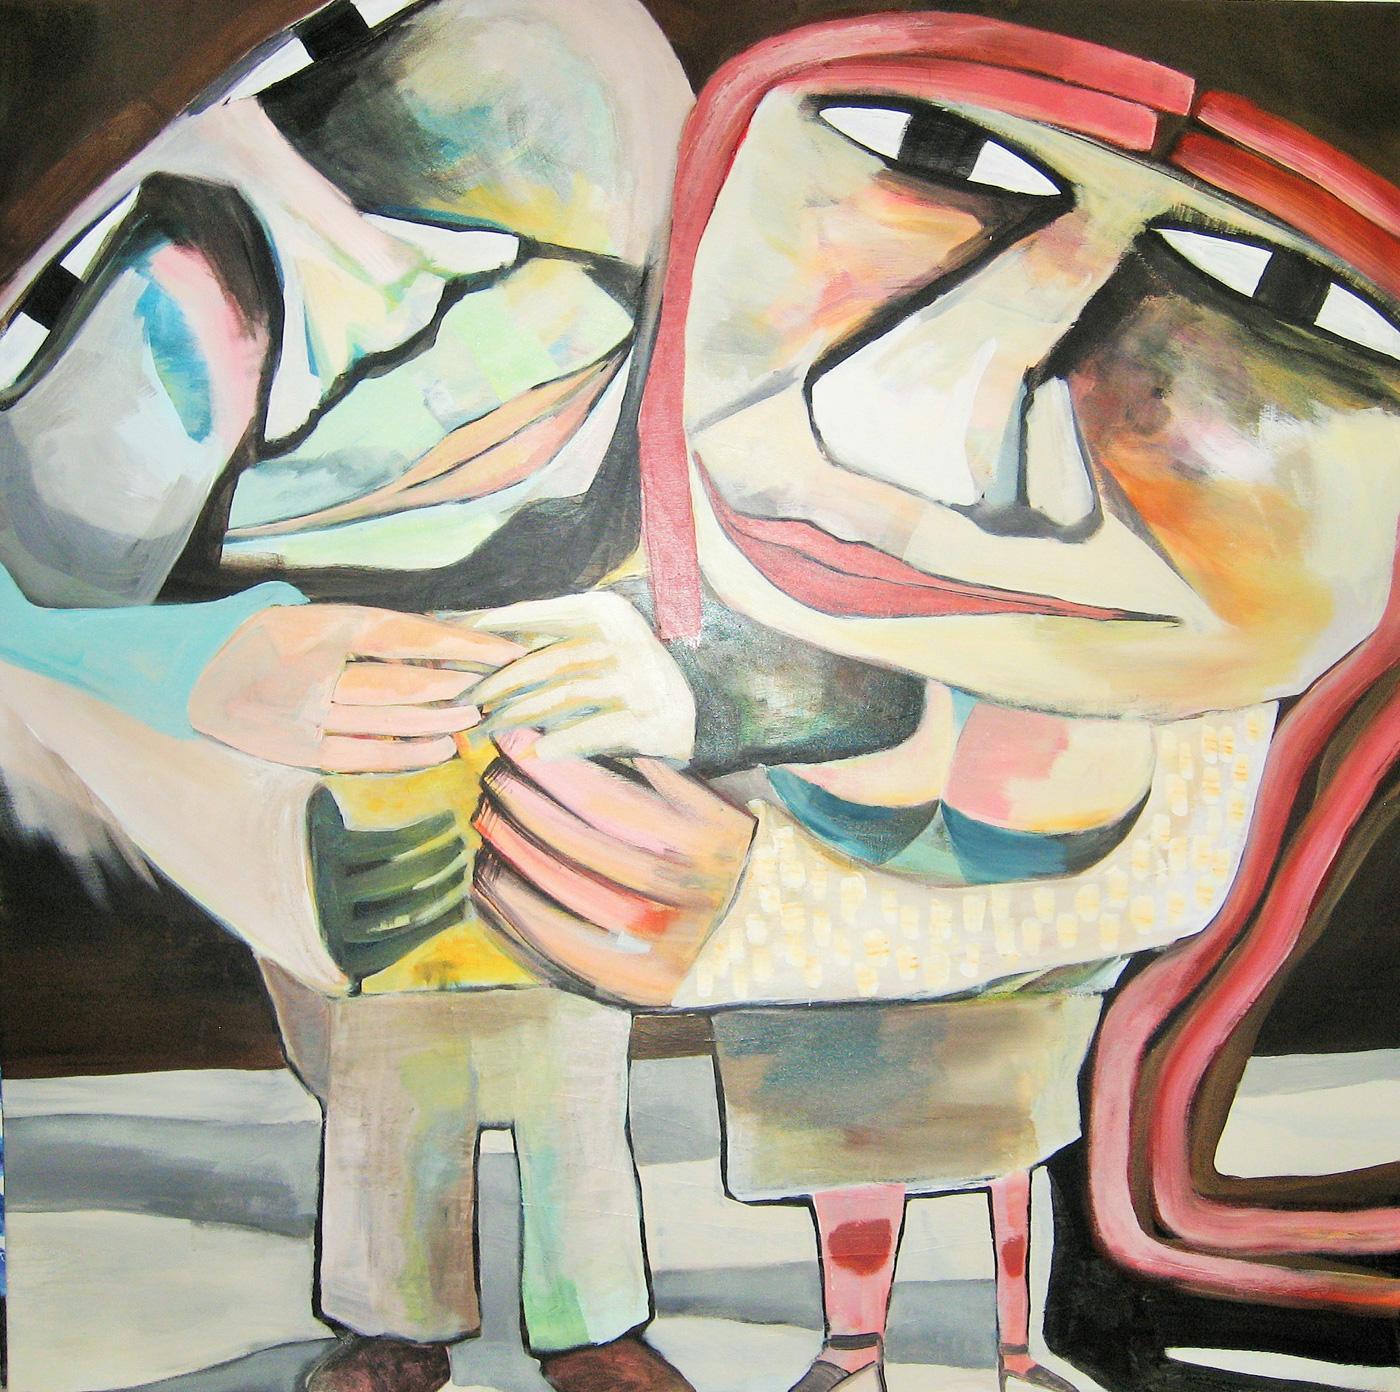 Maleri: Genert akryl på lærred